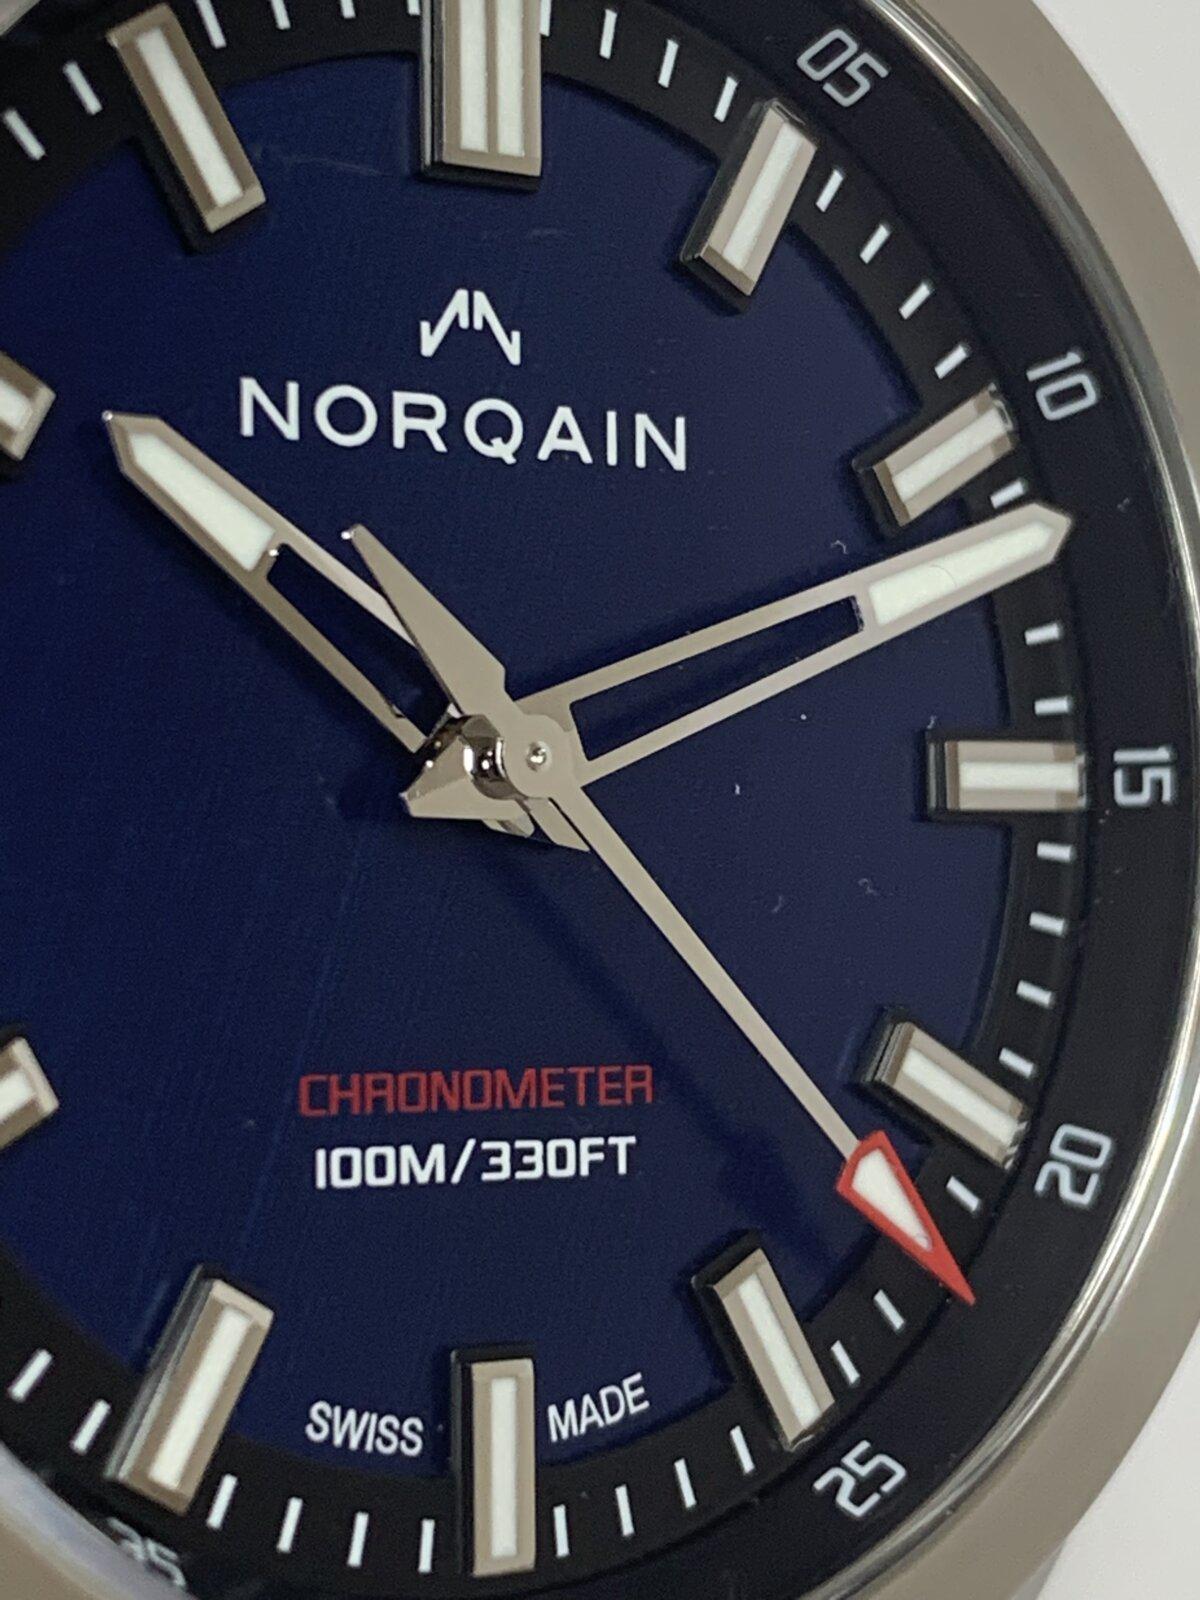 他にない新しい物、美しいデザイン ノルケイン【インディペンデンス 21 リミテッドエディション】 - NORQAIN